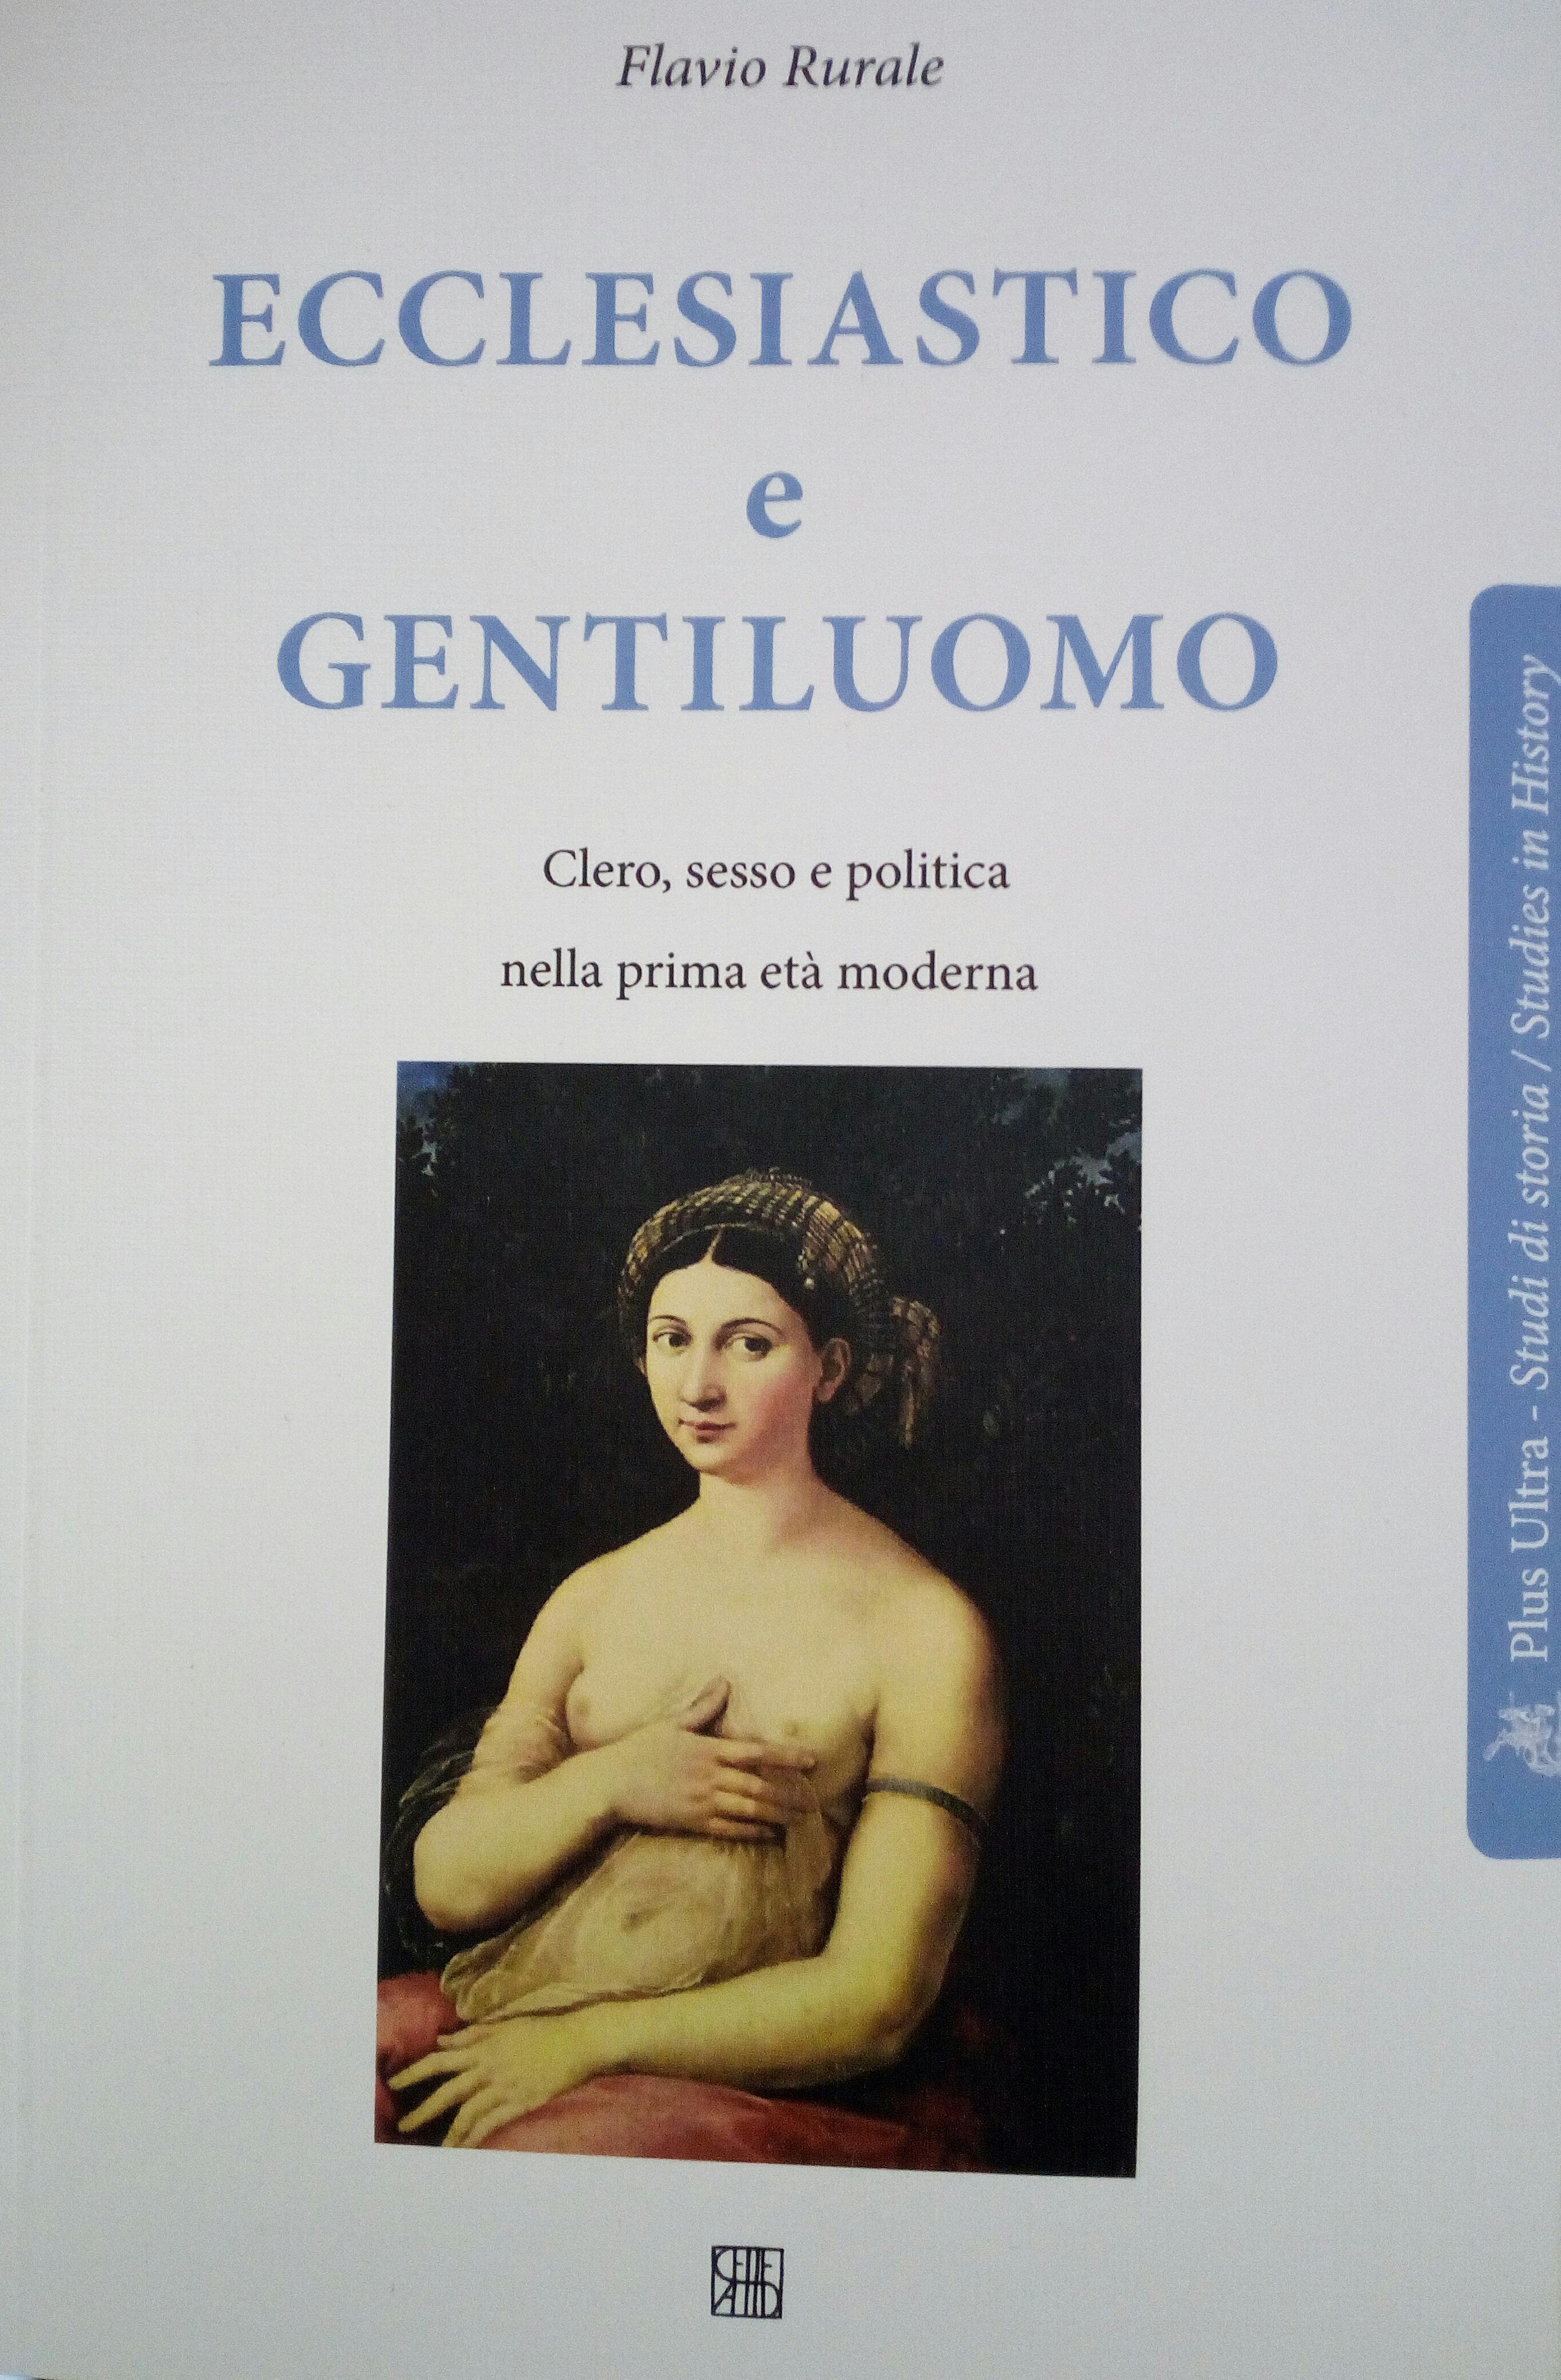 Ecclesiastico e gentiluomo. Clero, sesso e politica nella prima età moderna Book Cover